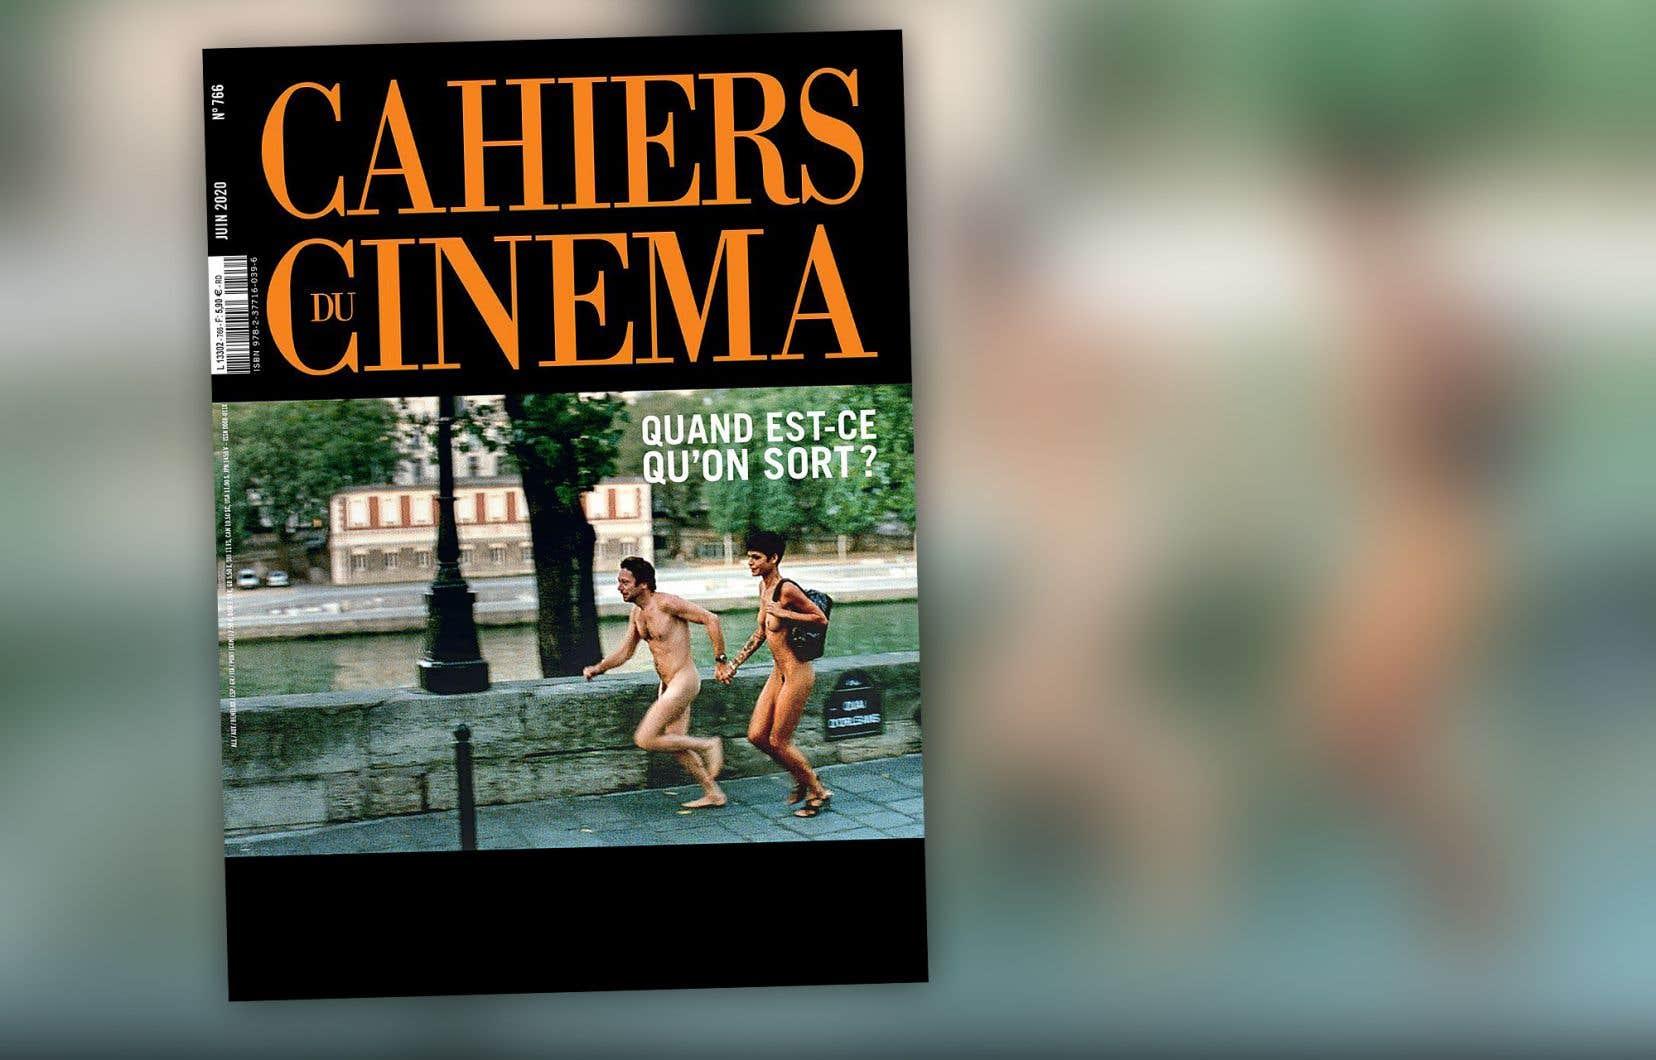 La page couverture de l'édition de juin 2020 des «Cahiers du cinéma»